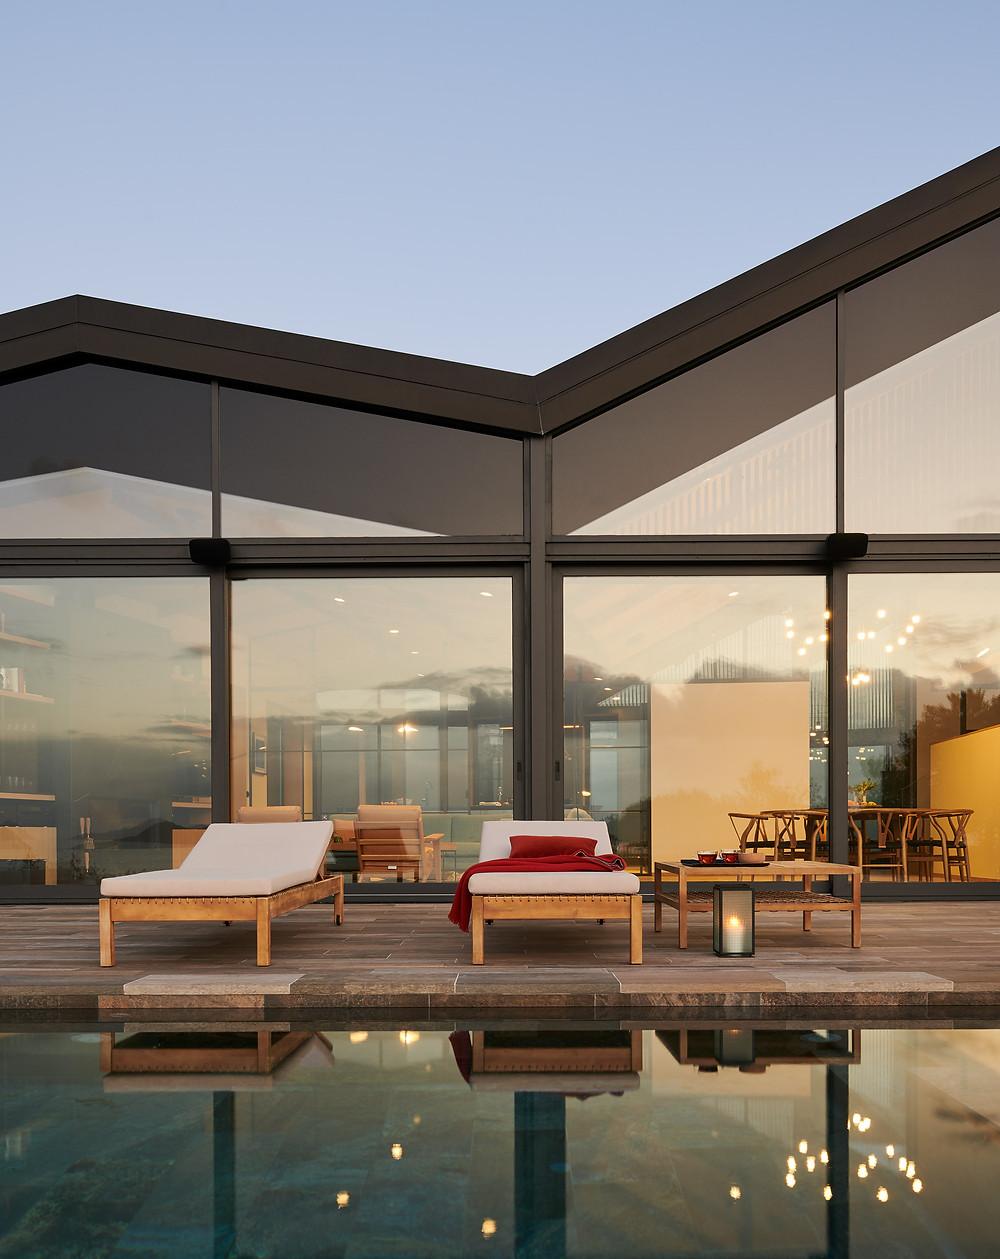 Arquitectura sostenible Freehand Arquitectura